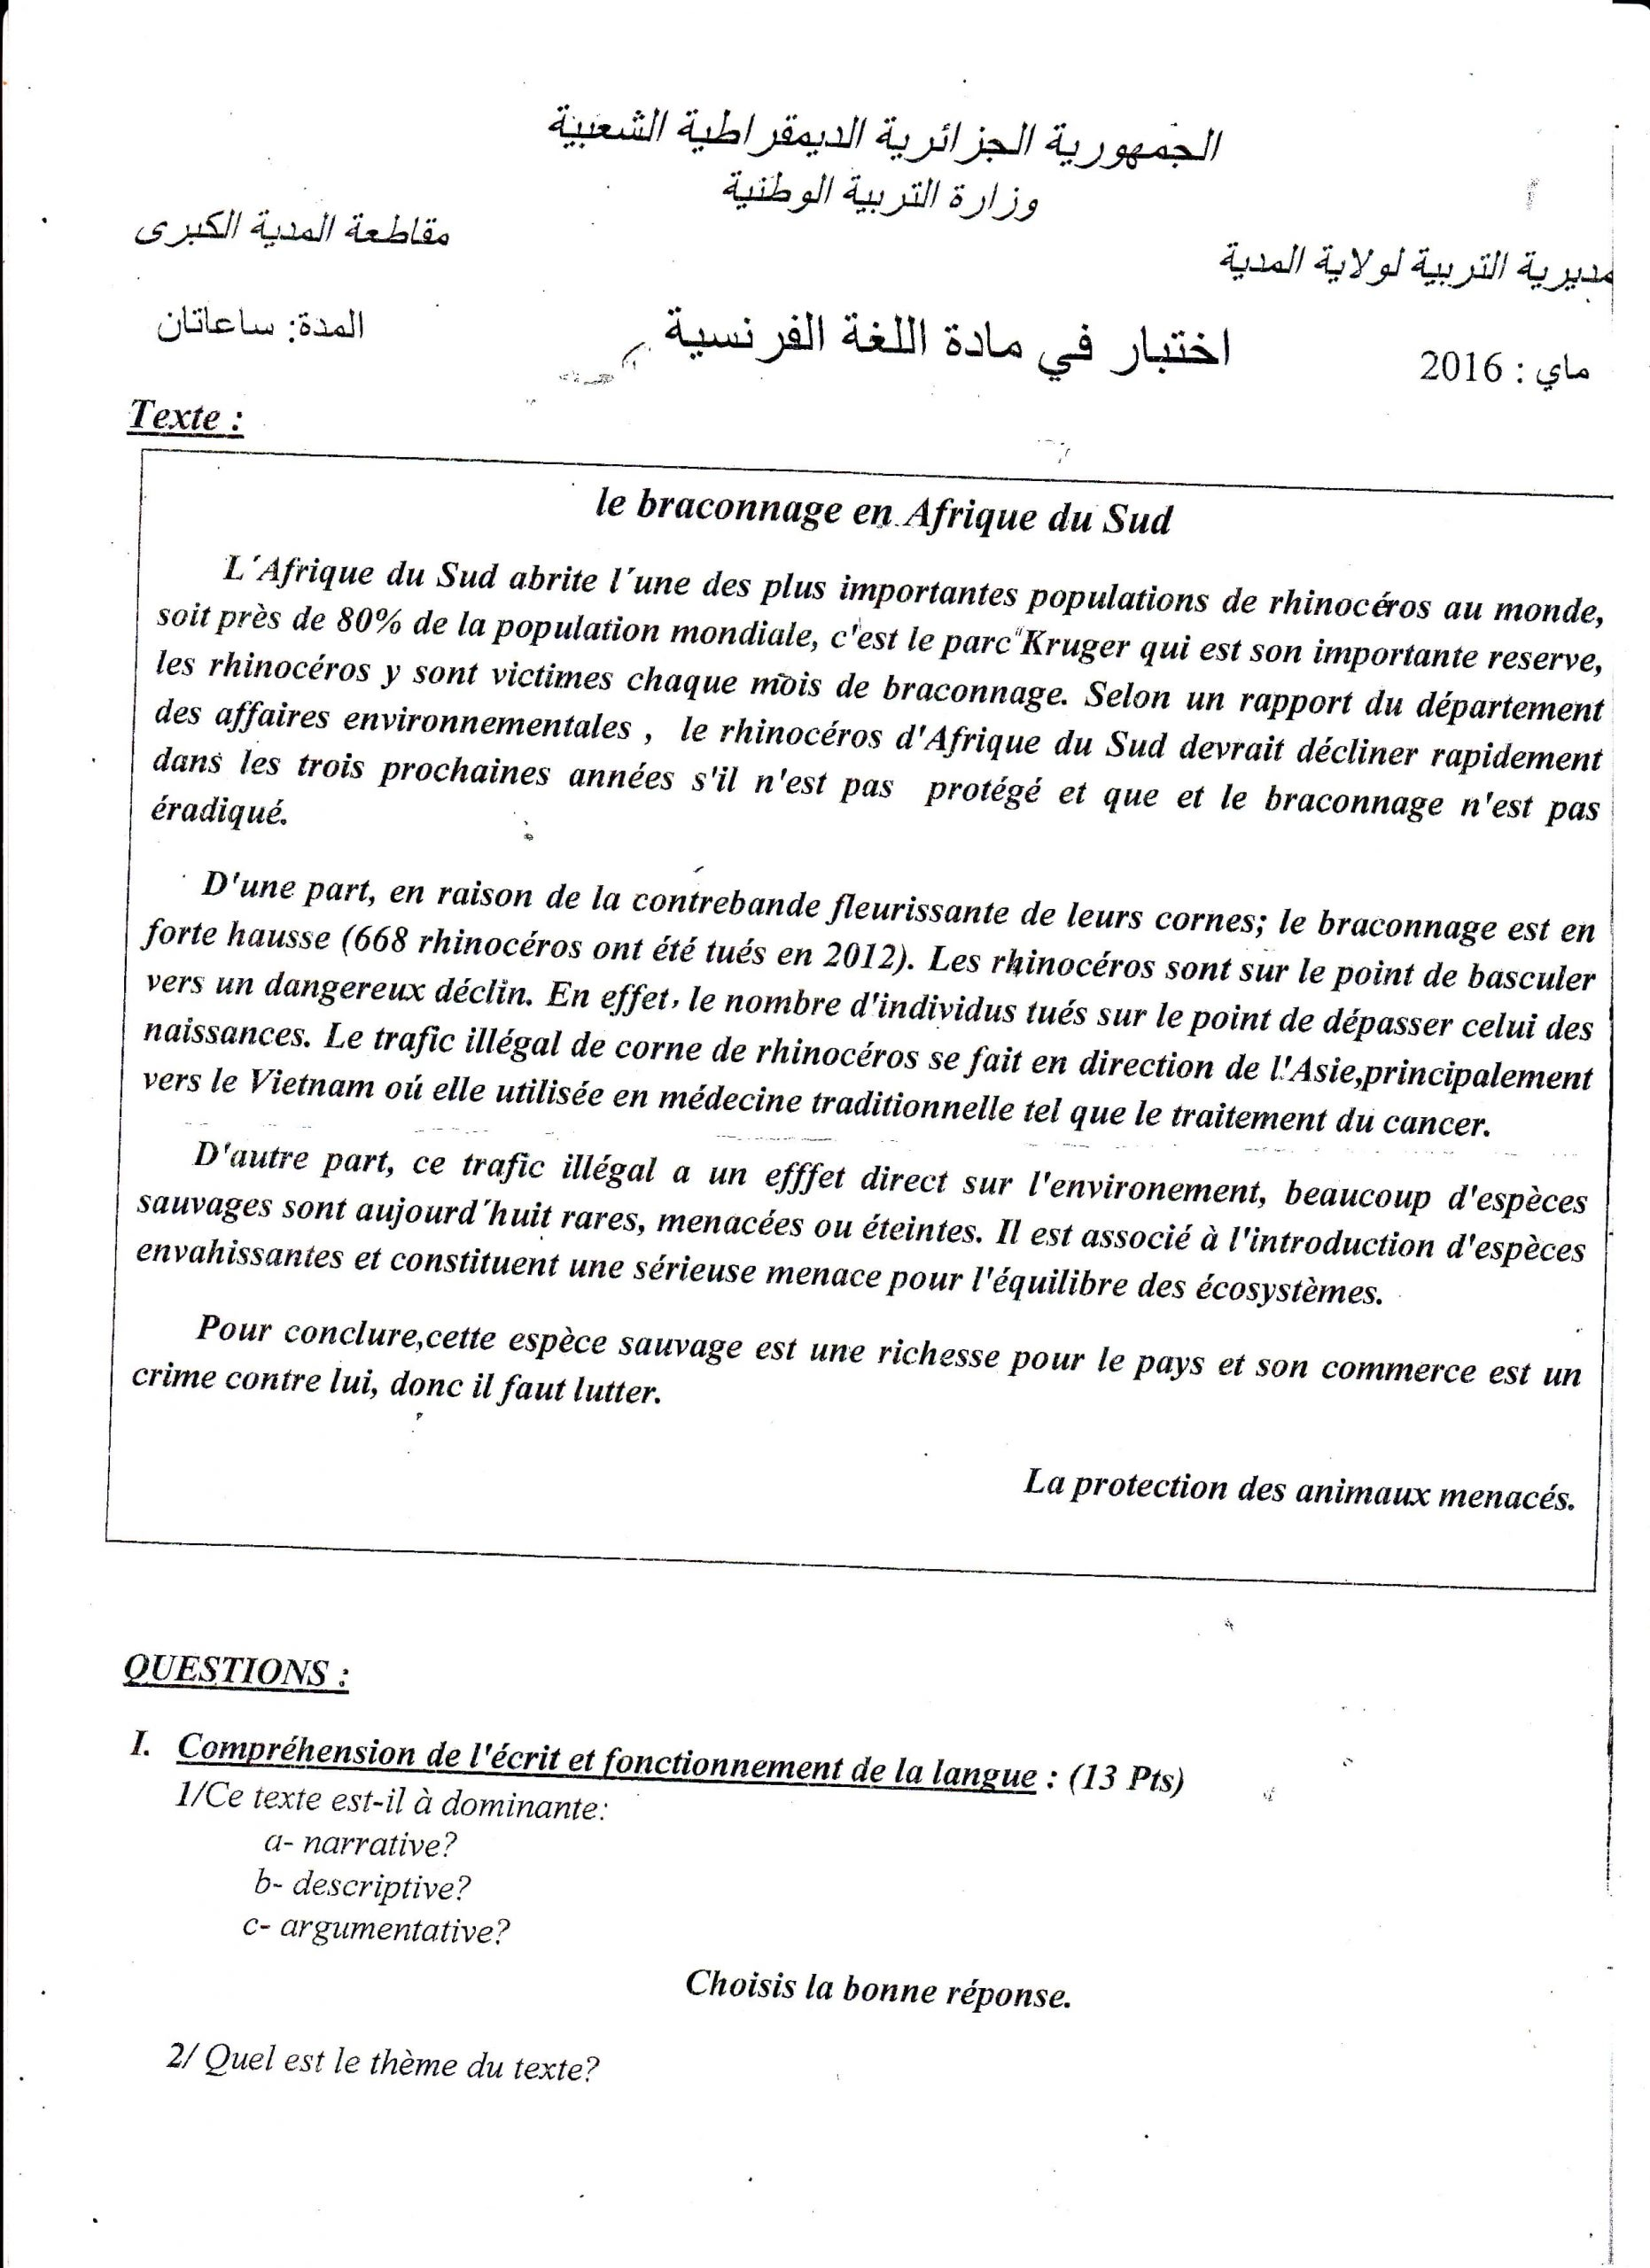 اختبار الفصل الثالث في اللغة الفرنسية السنة الرابعة متوسط | الموضوع 04